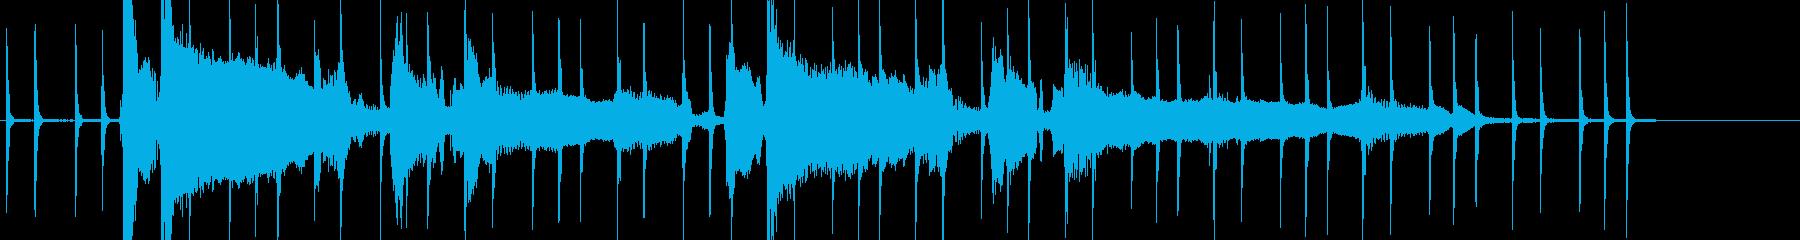 カンパイソング アコギとパーカッションの再生済みの波形